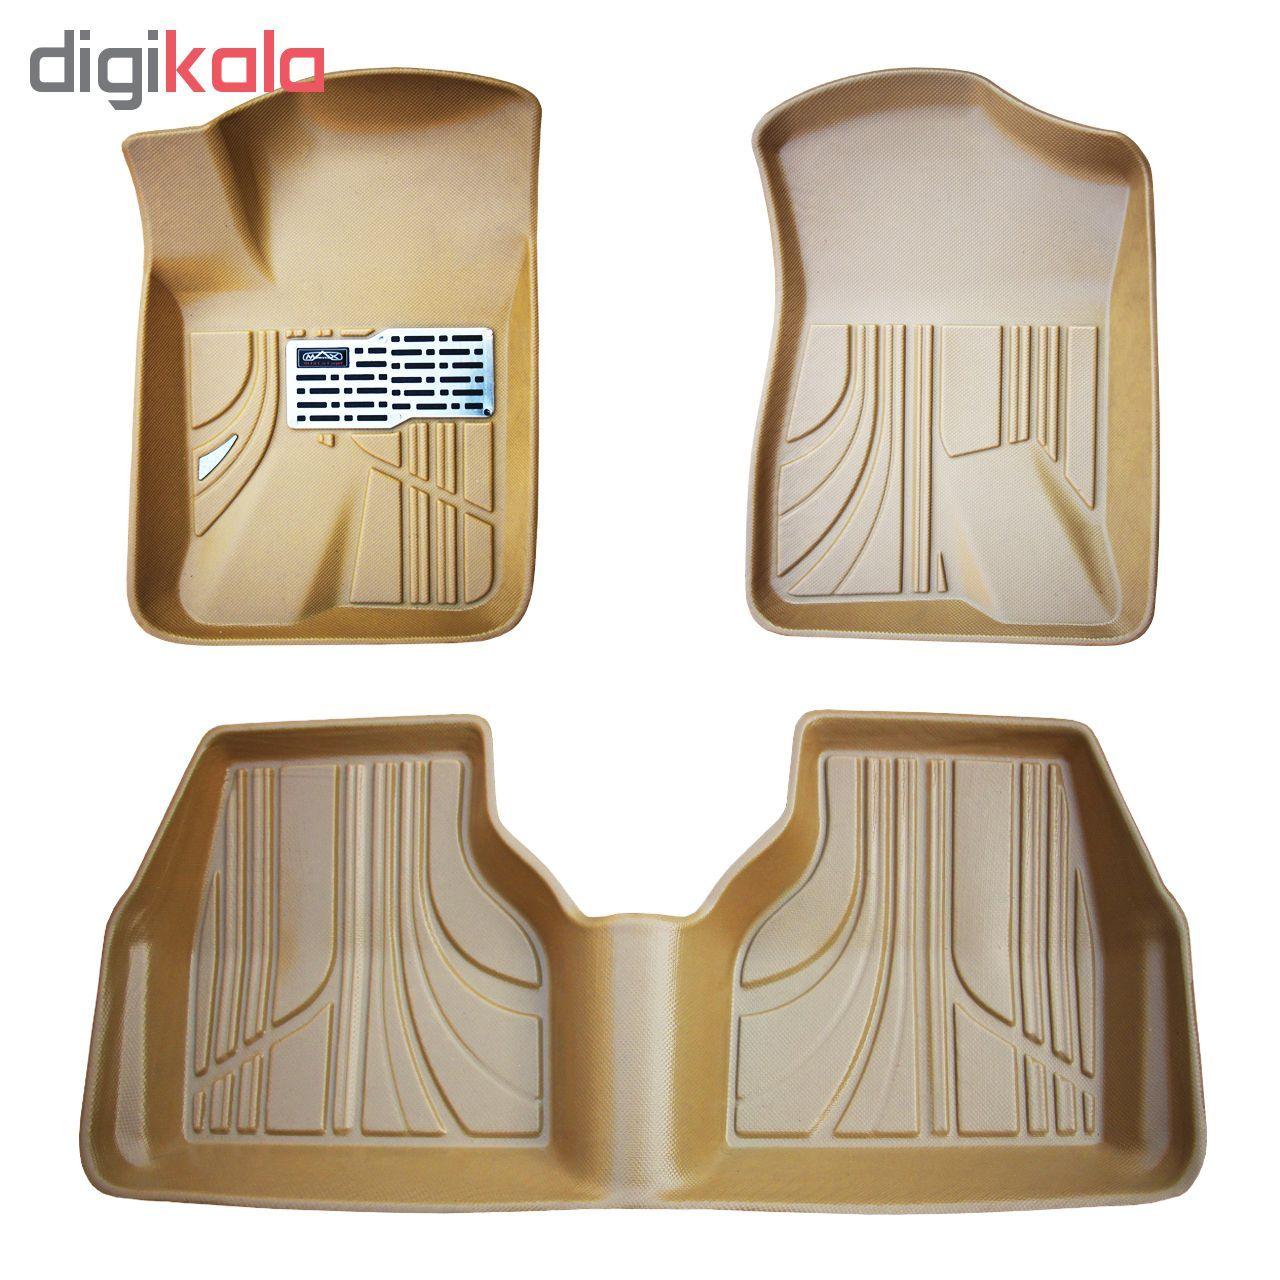 کفپوش سه بعدی خودرو مکس مدل K007 مناسب برای پژو 405 main 1 1